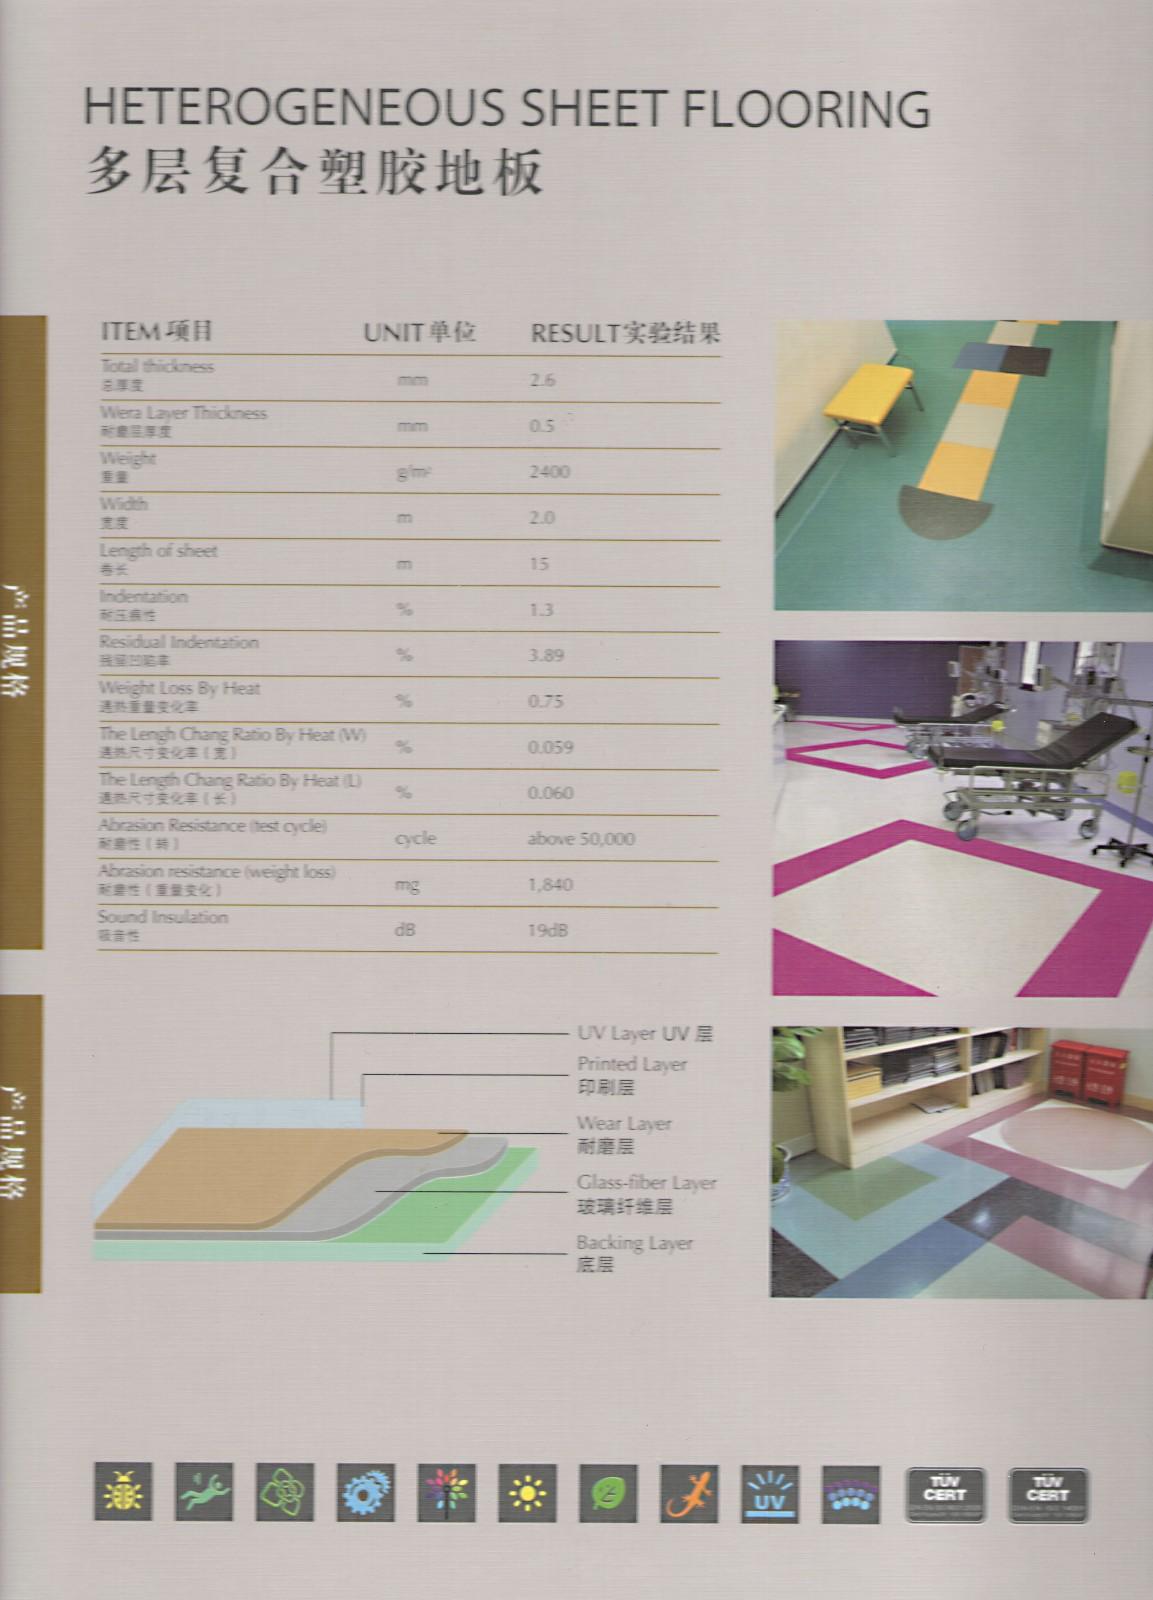 大巨龙宝洁龙PVC地板|大巨龙系列-陕西棋牌挣钱建材有限责任公司